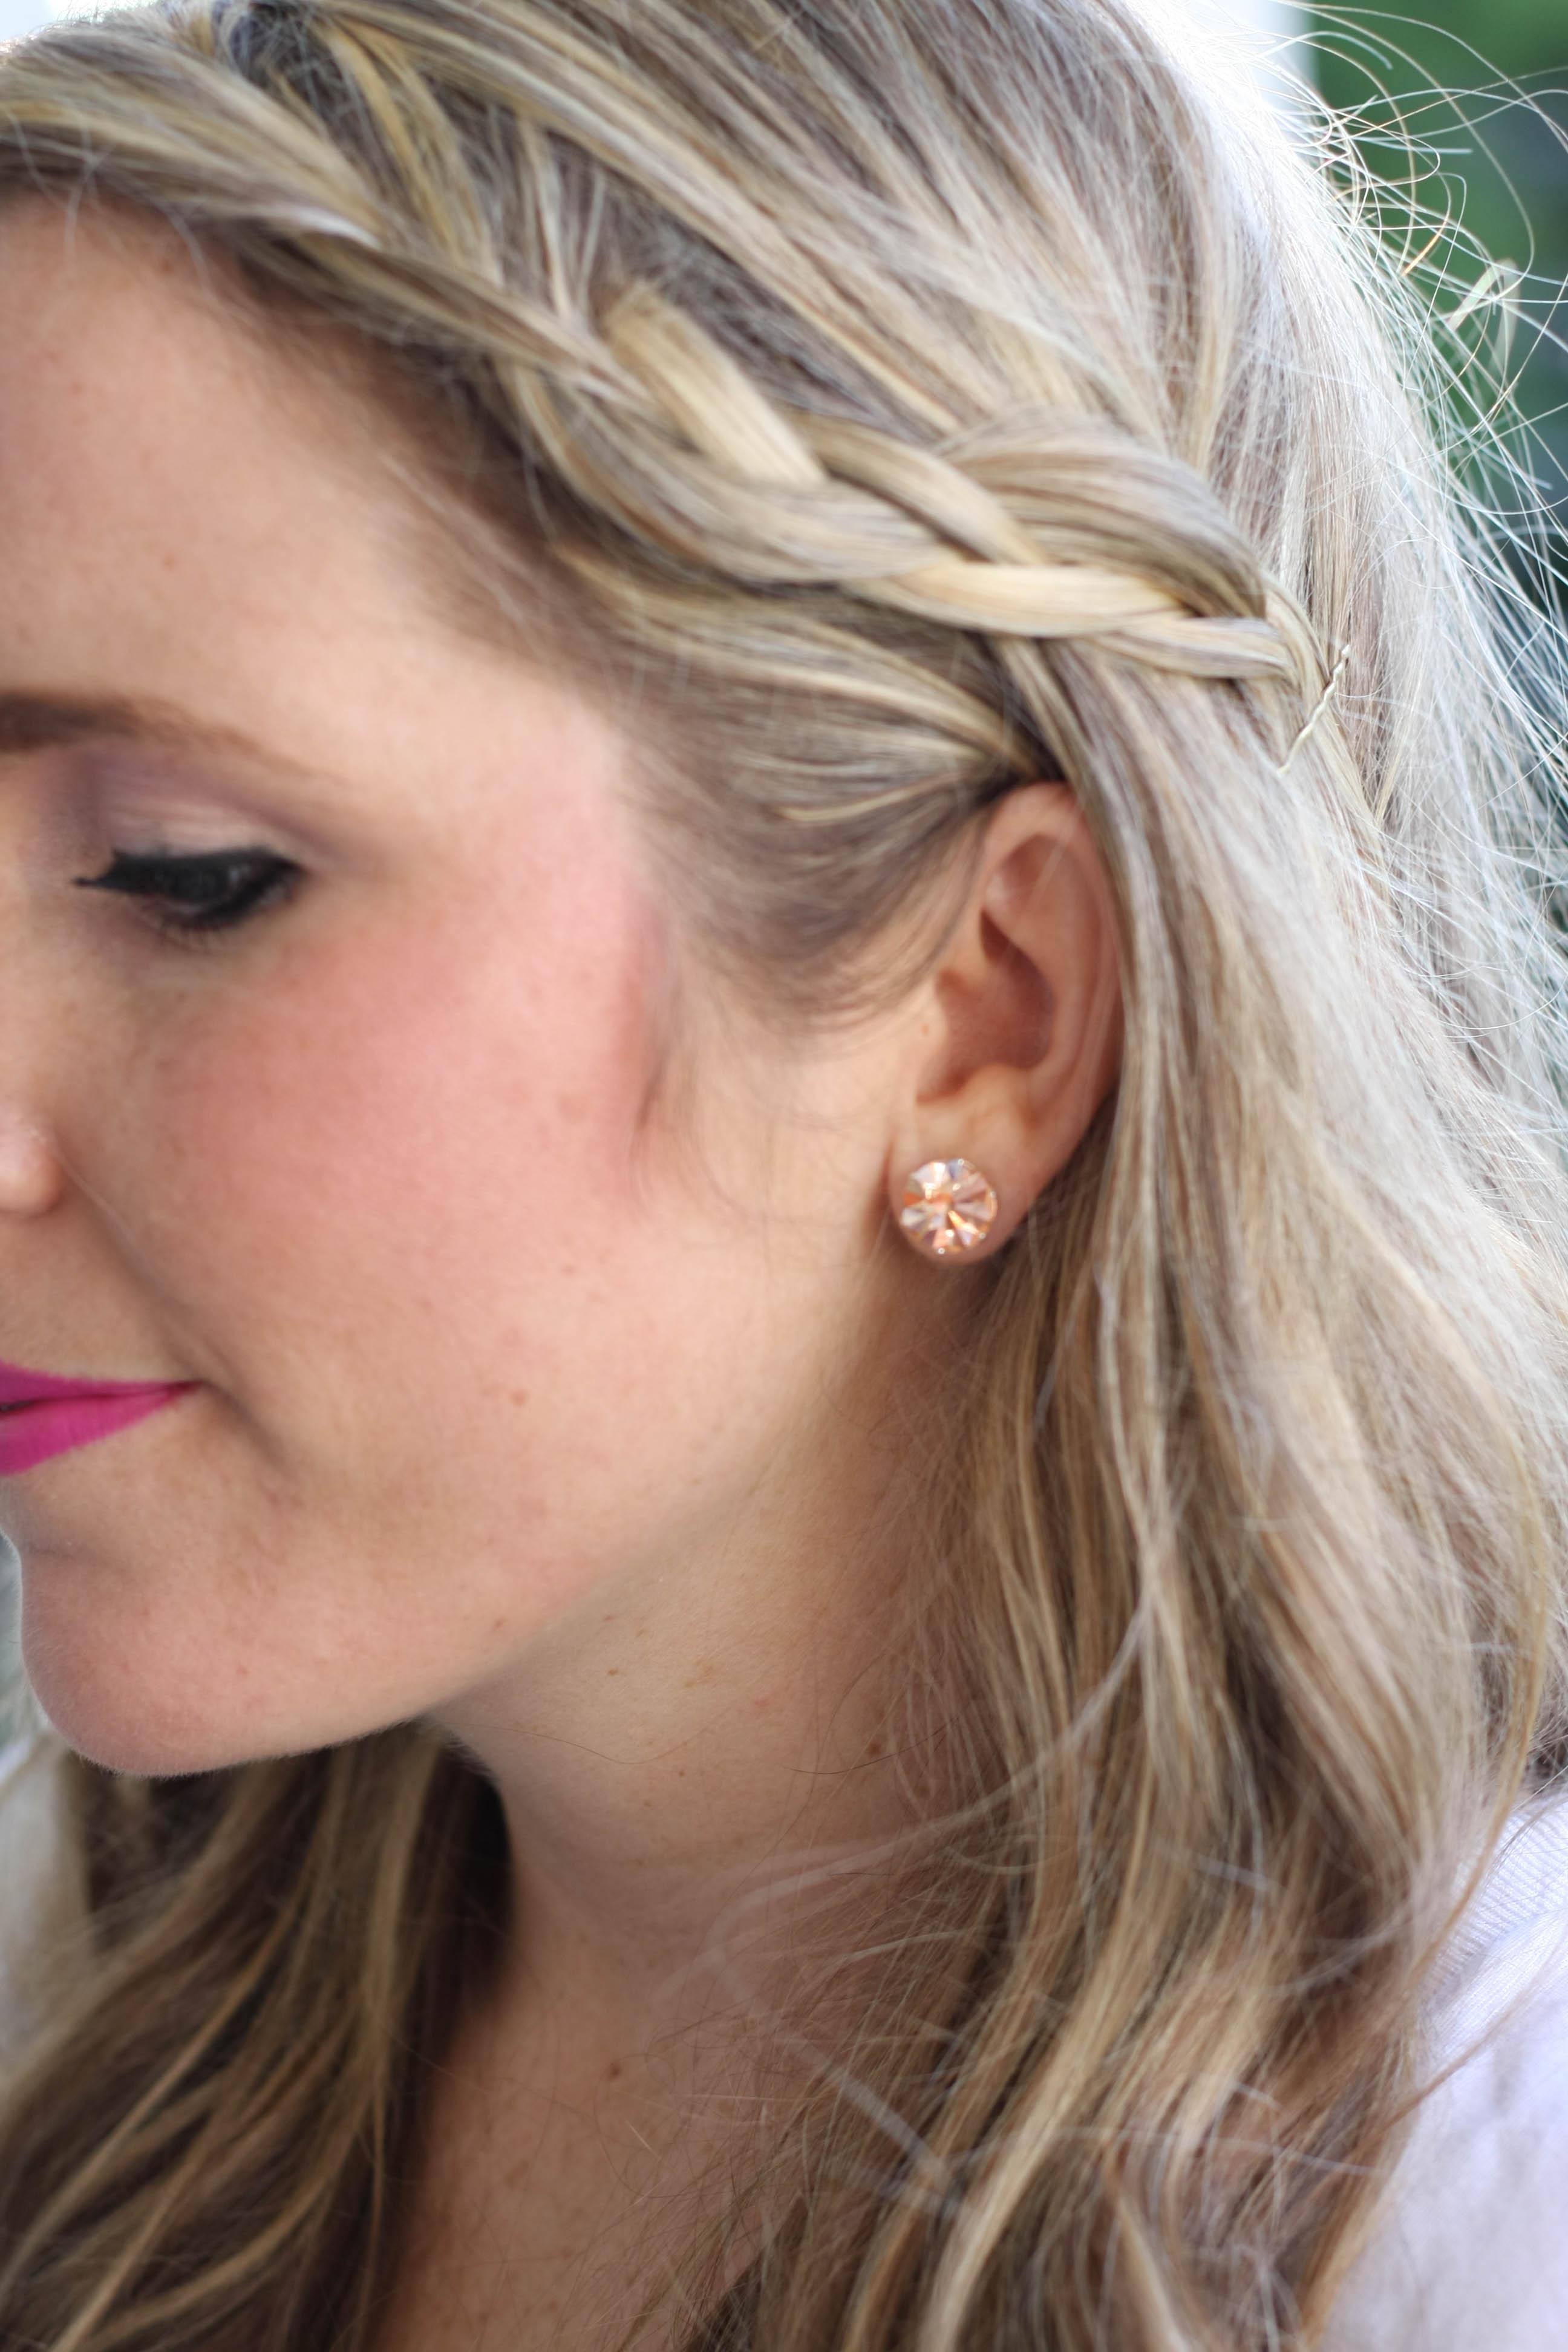 Jojo Loves You Earrings Jojo Love You Bling